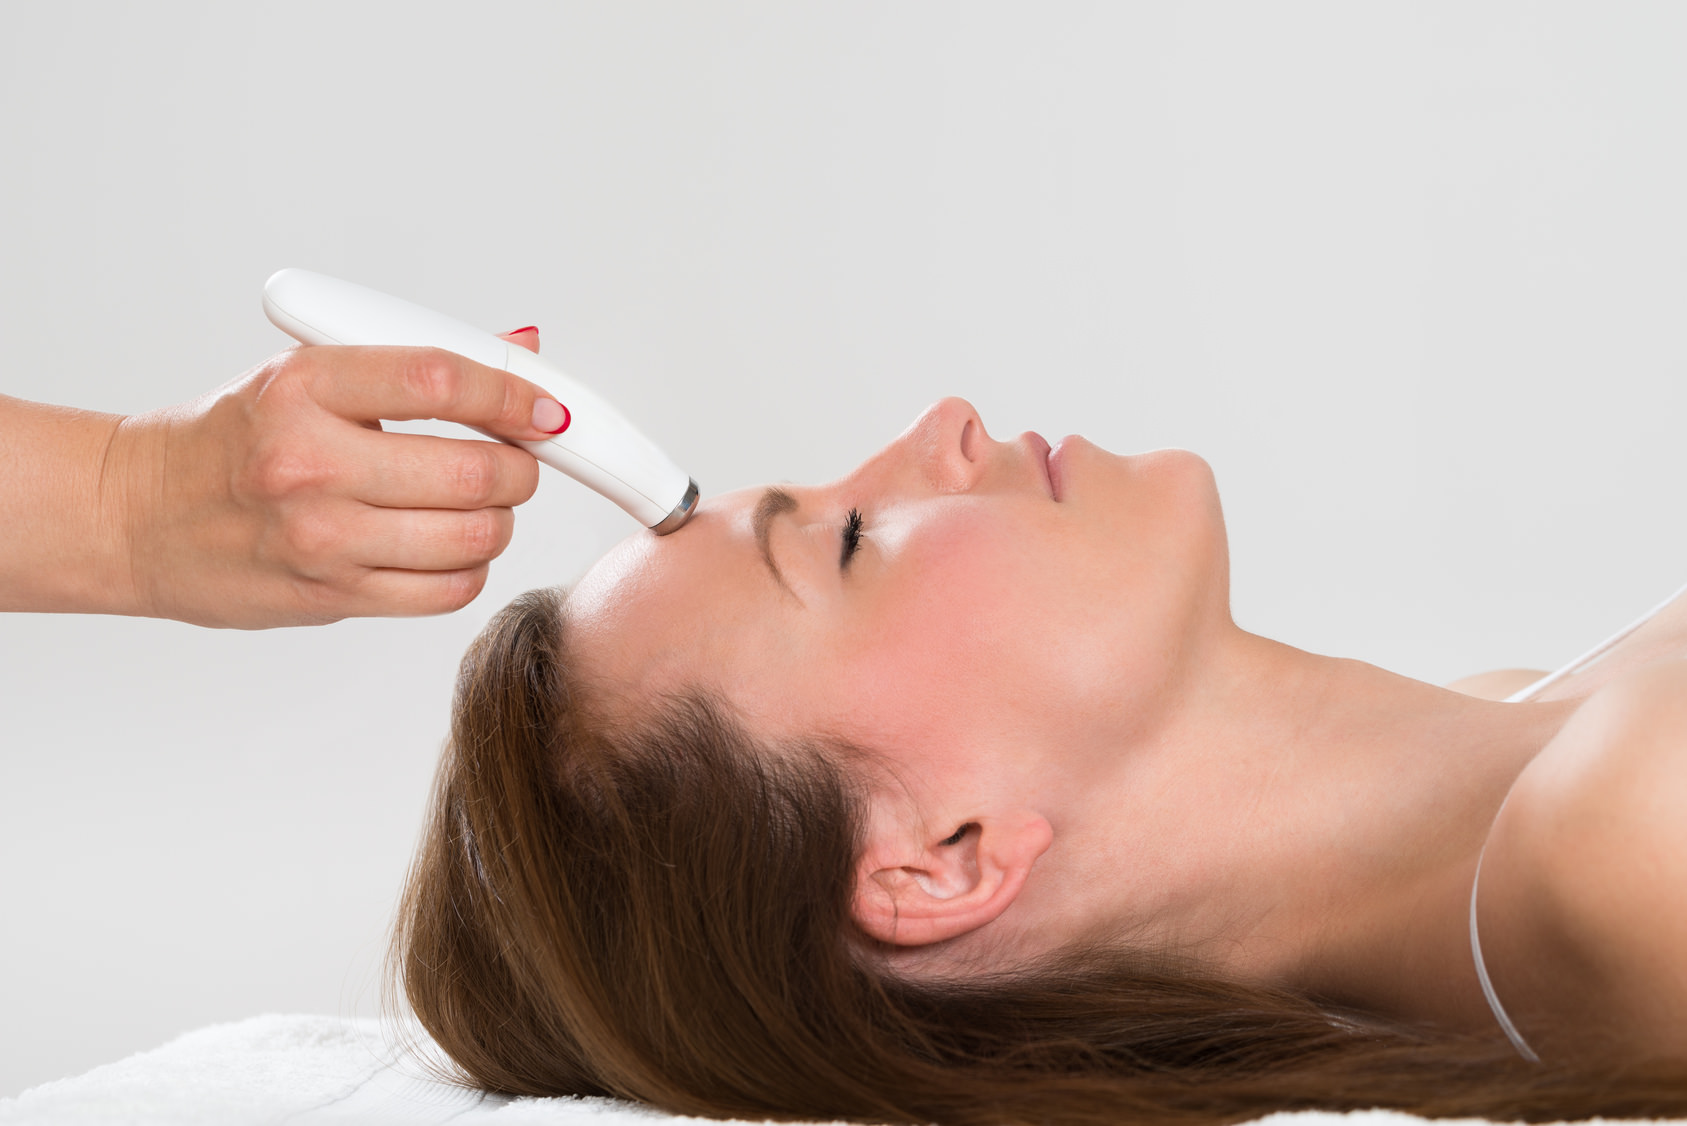 láseres dermatológicos para qué sirven